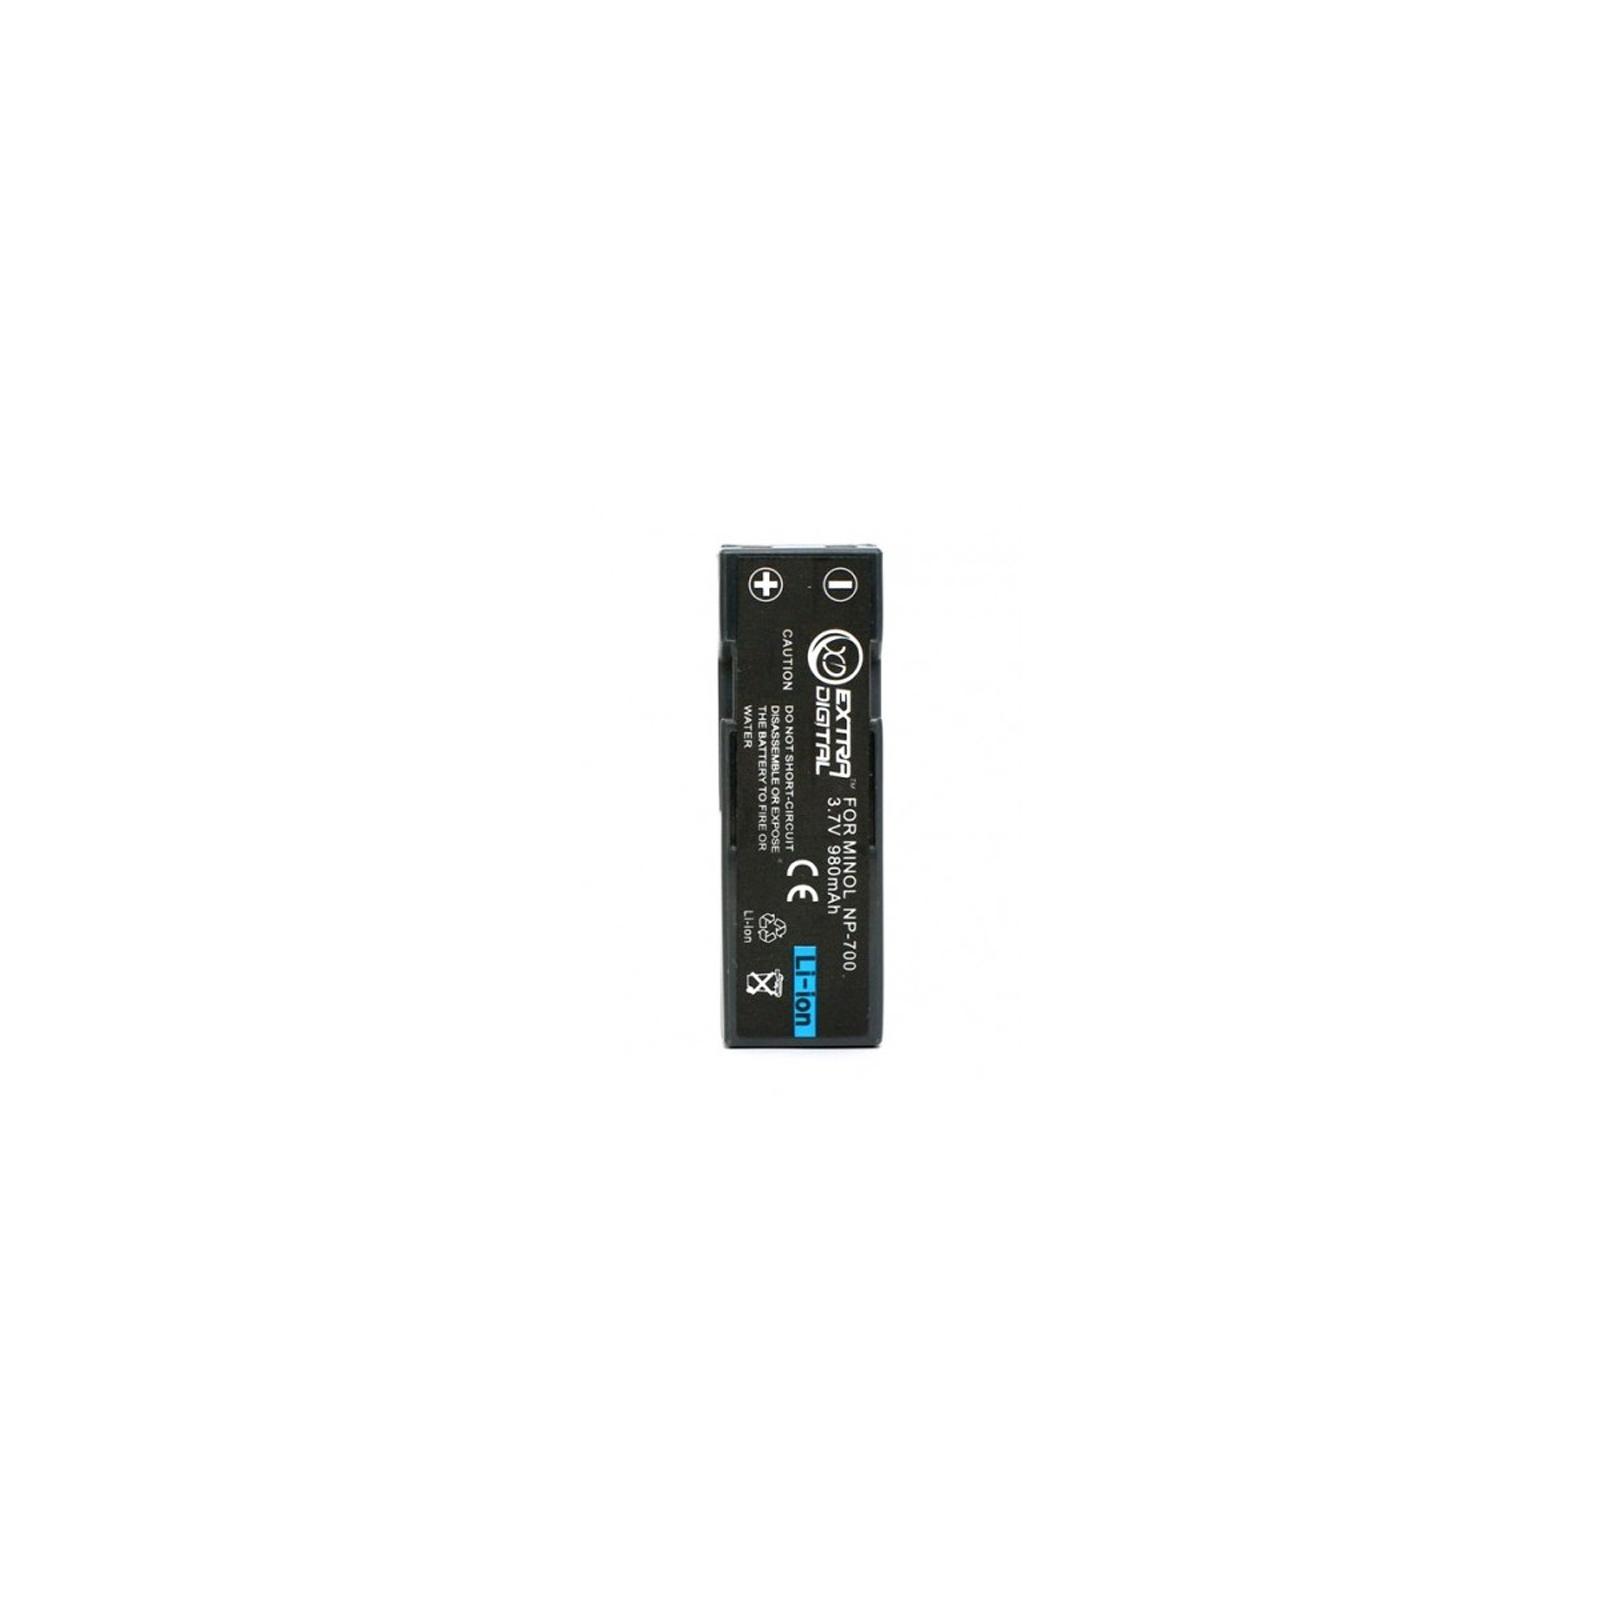 Аккумулятор к фото/видео EXTRADIGITAL Minolta NP-700, SLB-0637, DB-L30, D-LI72 (DV00DV1055)